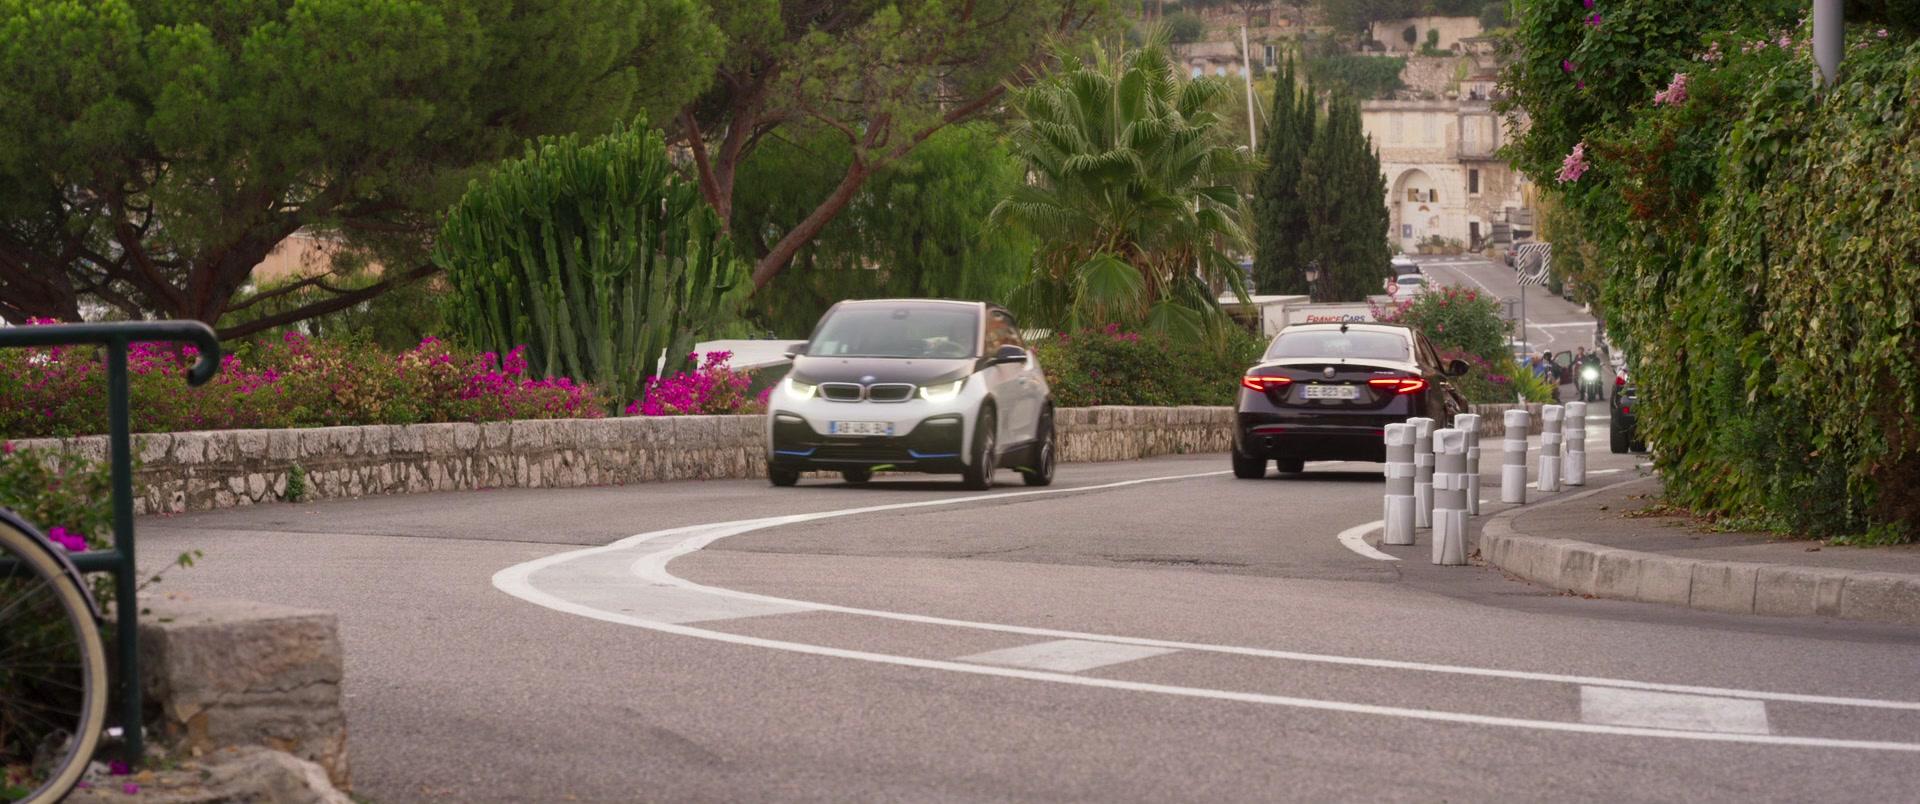 Bmw I3 S I01 Electric Car Driven By Olga Kurylenko In Johnny